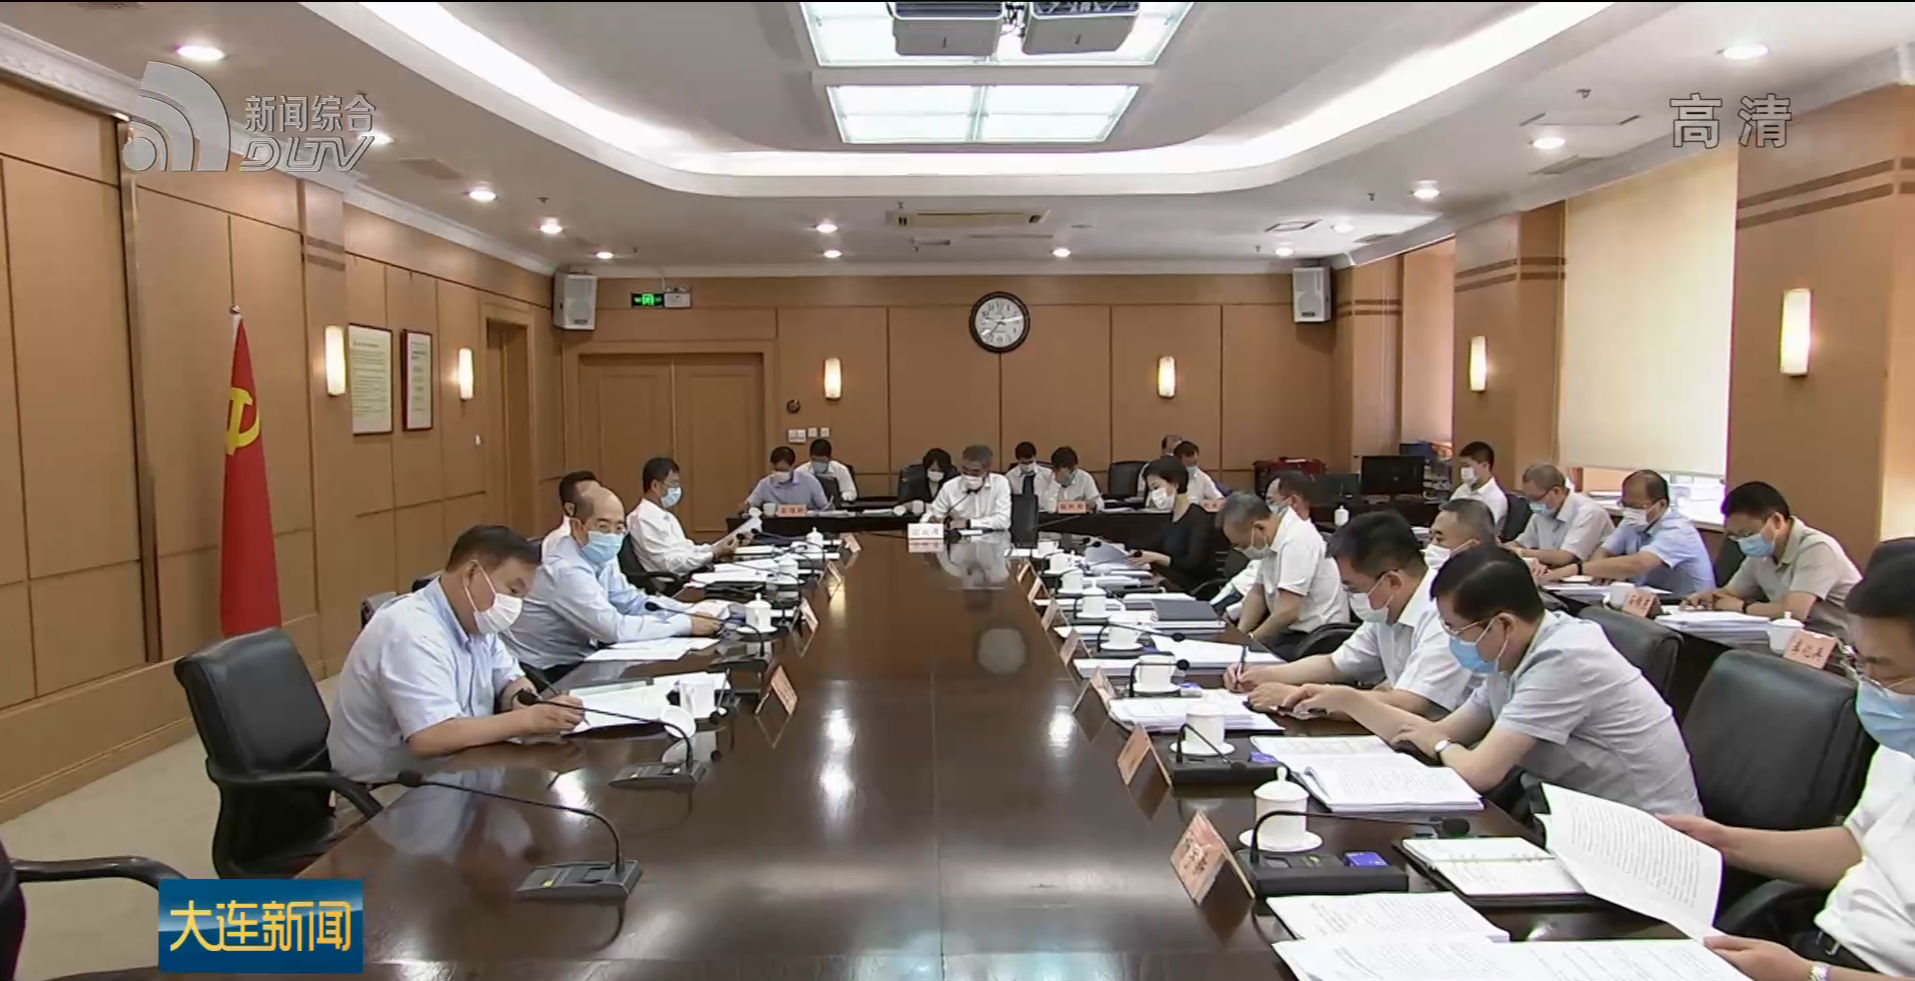 市委常委會研究部署營商環境建設產業發展